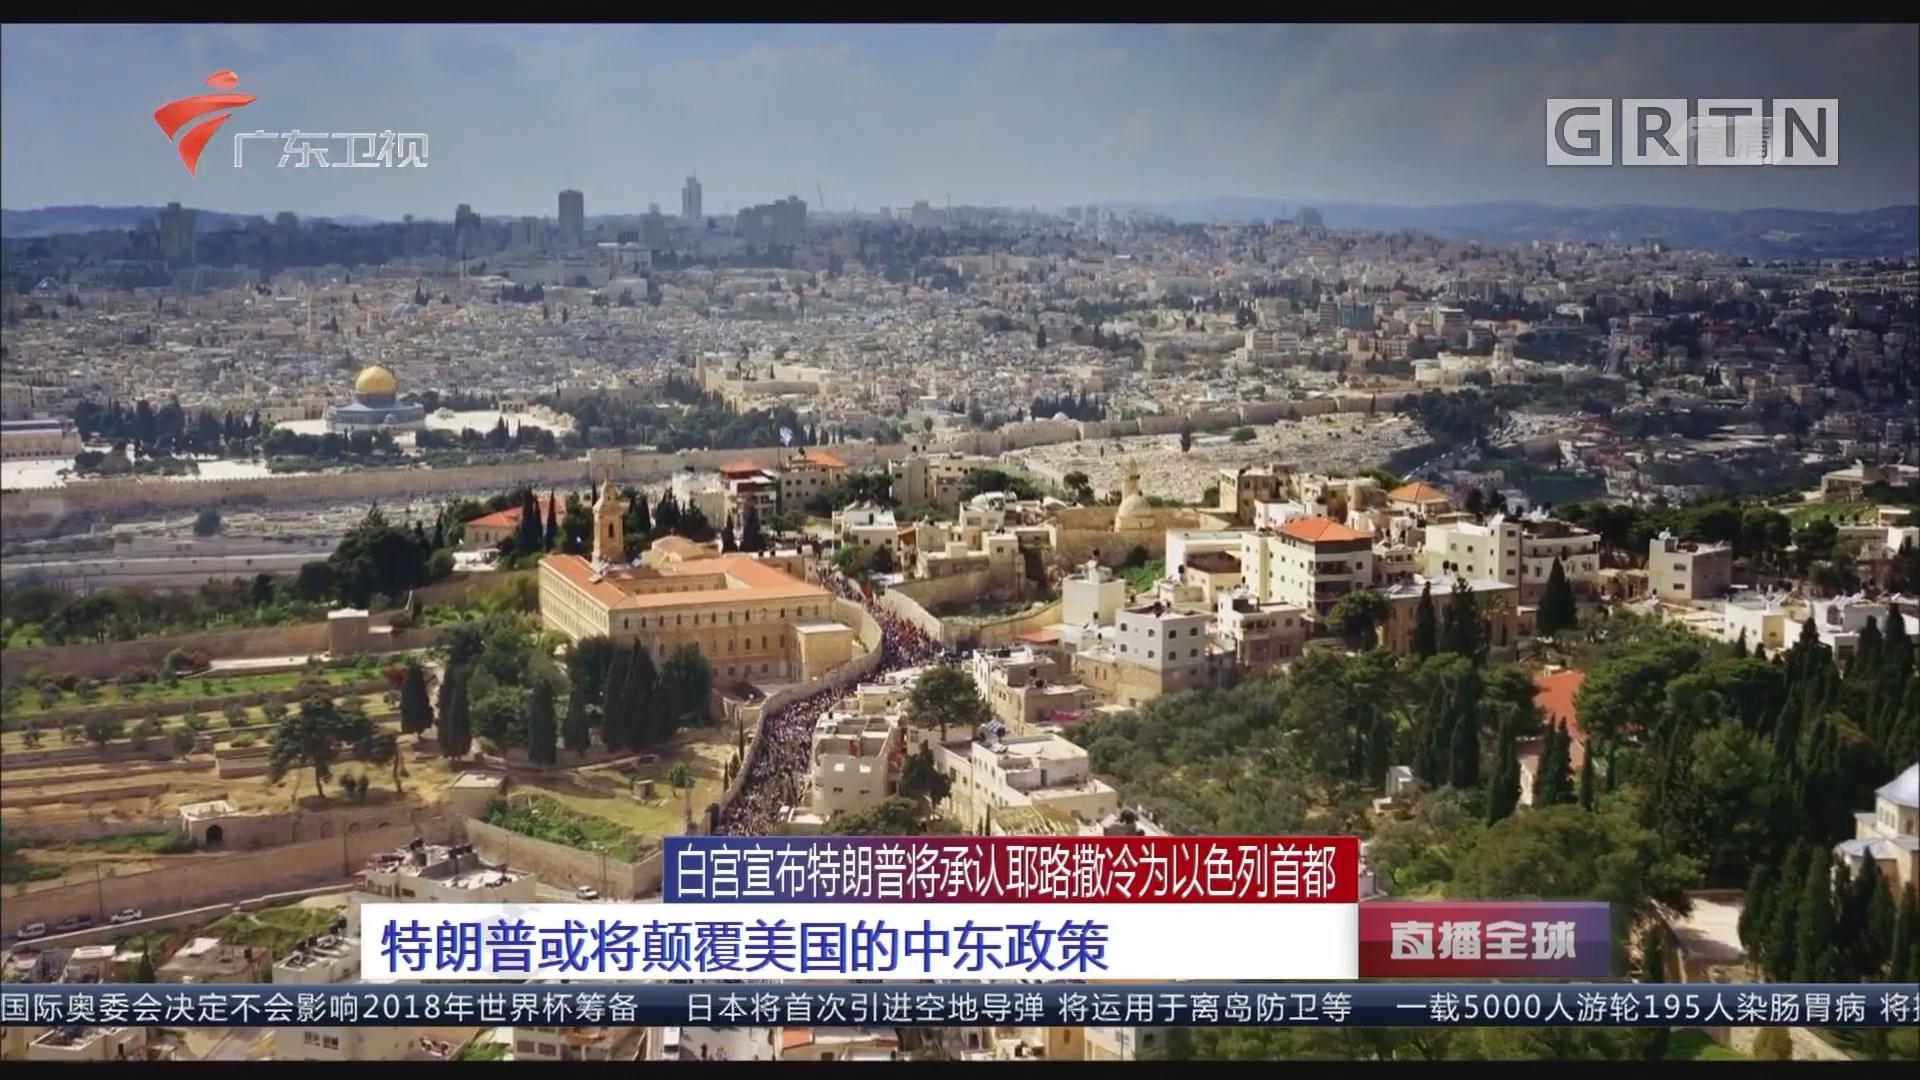 白宫宣布特朗普将承认耶路撒冷为以色列首都 特朗普或将颠覆美国的中东政策